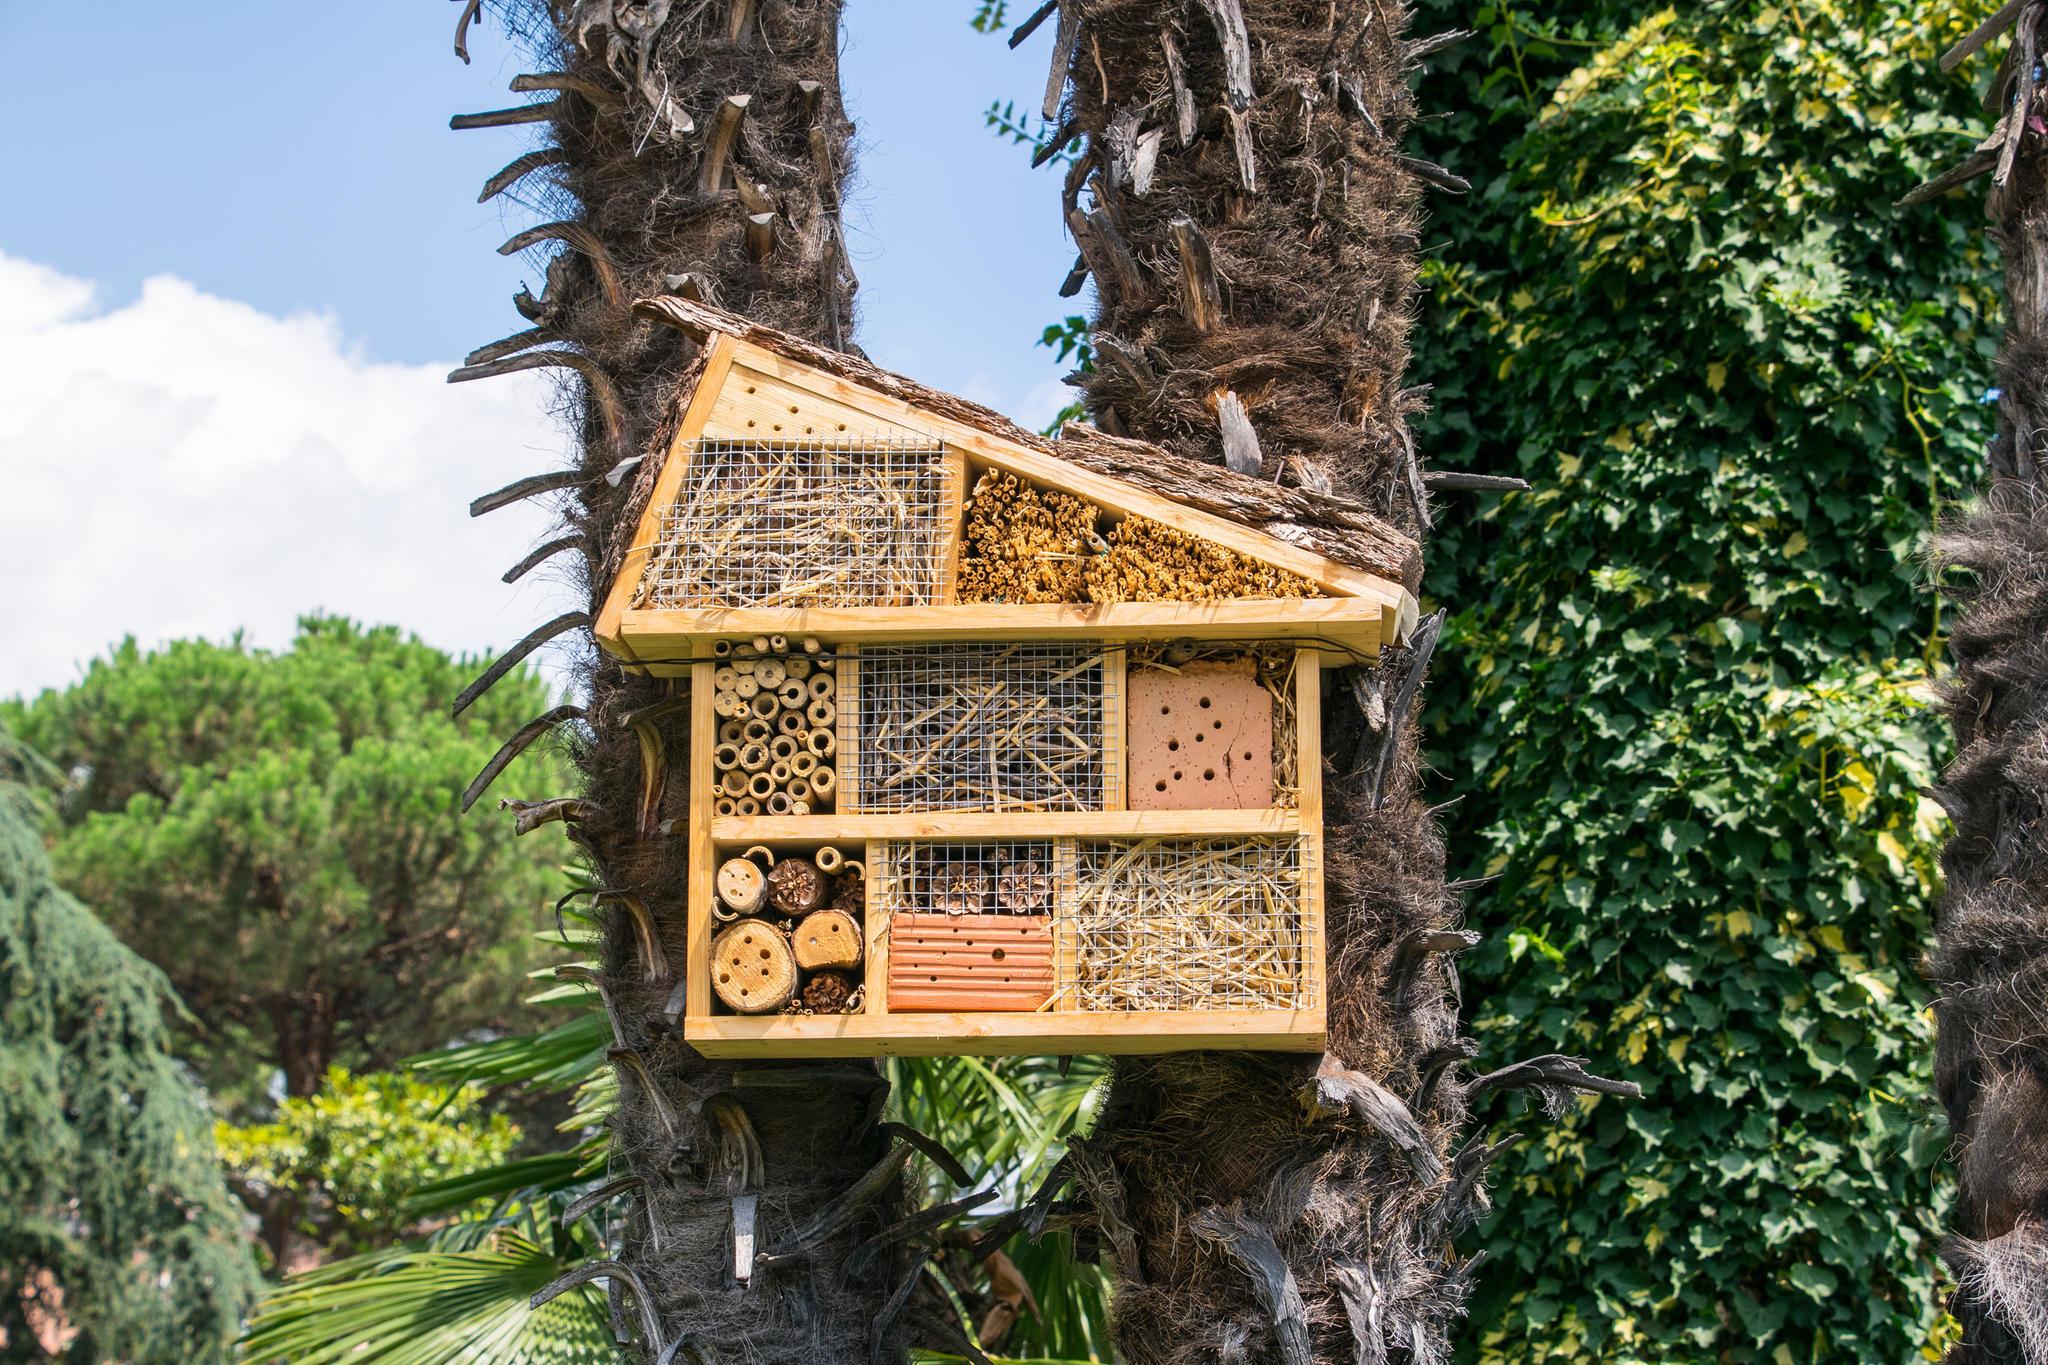 insektenhotel selber bauen - so einfach geht's | brigitte.de